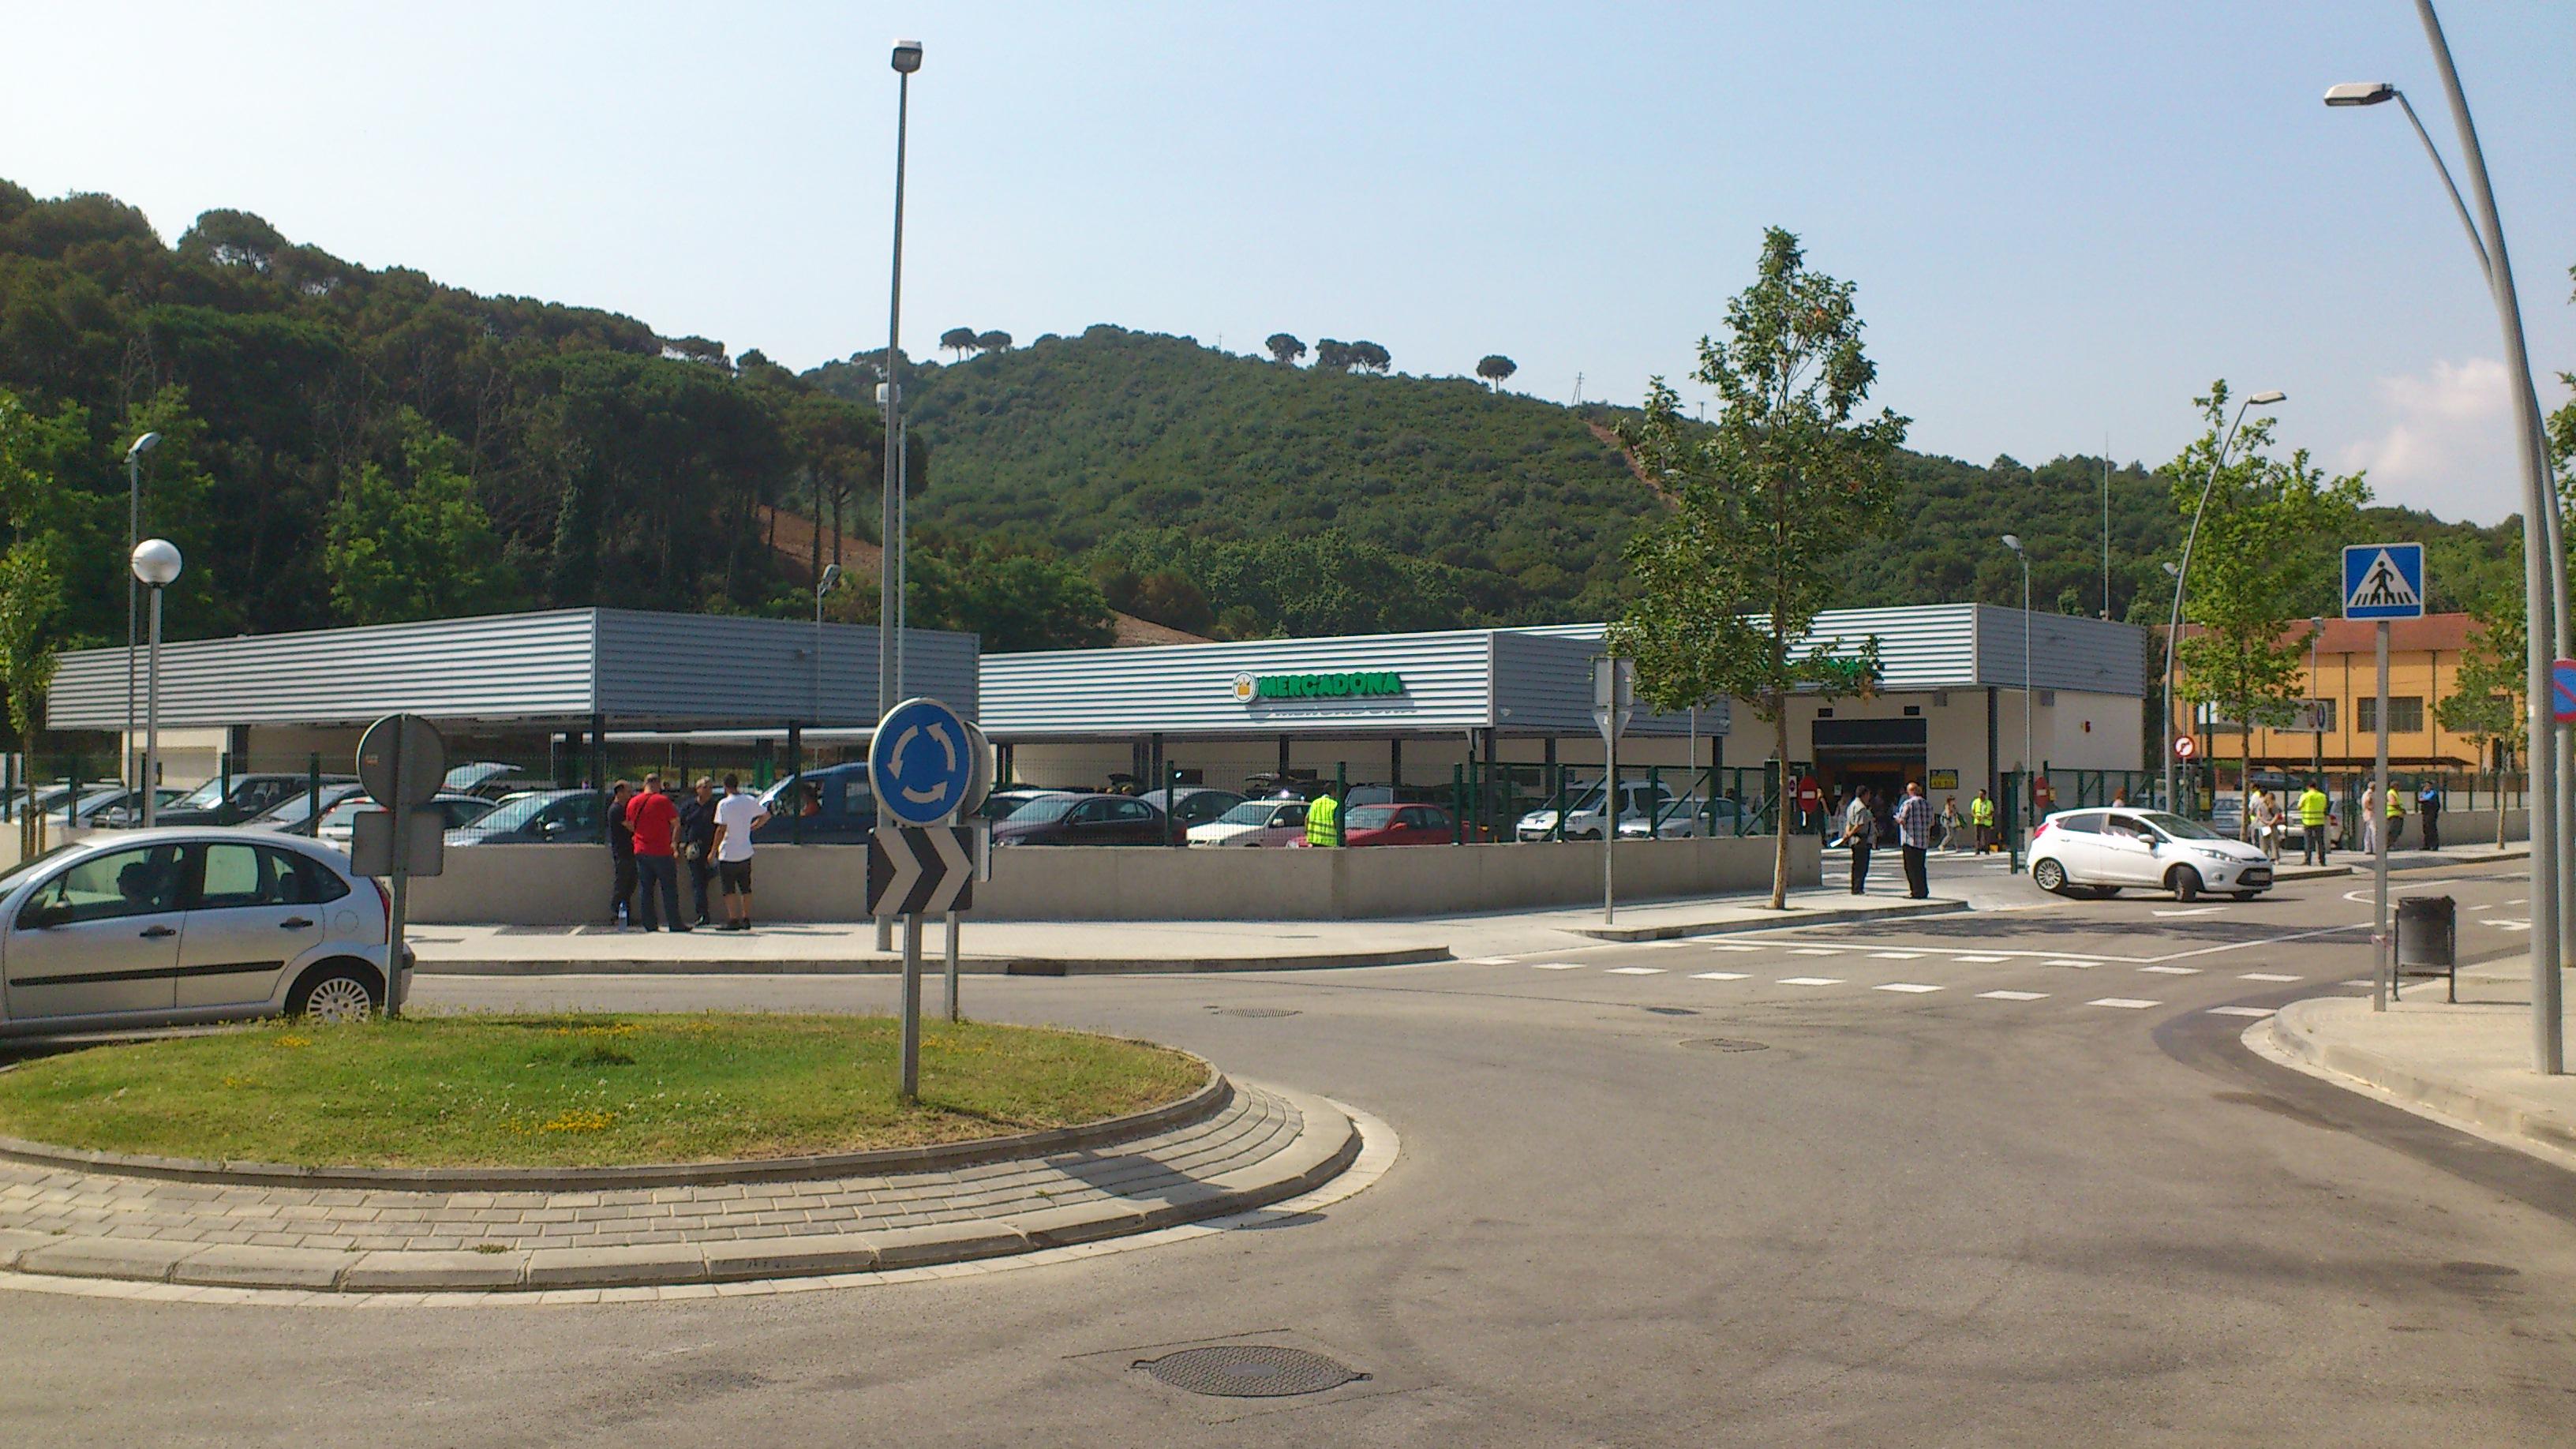 Con la participación de NICTALIA en el proyecto, hoy se ha inaugurado un nuevo supermercado en Sant Fost de Campsentelles, Barcelona.